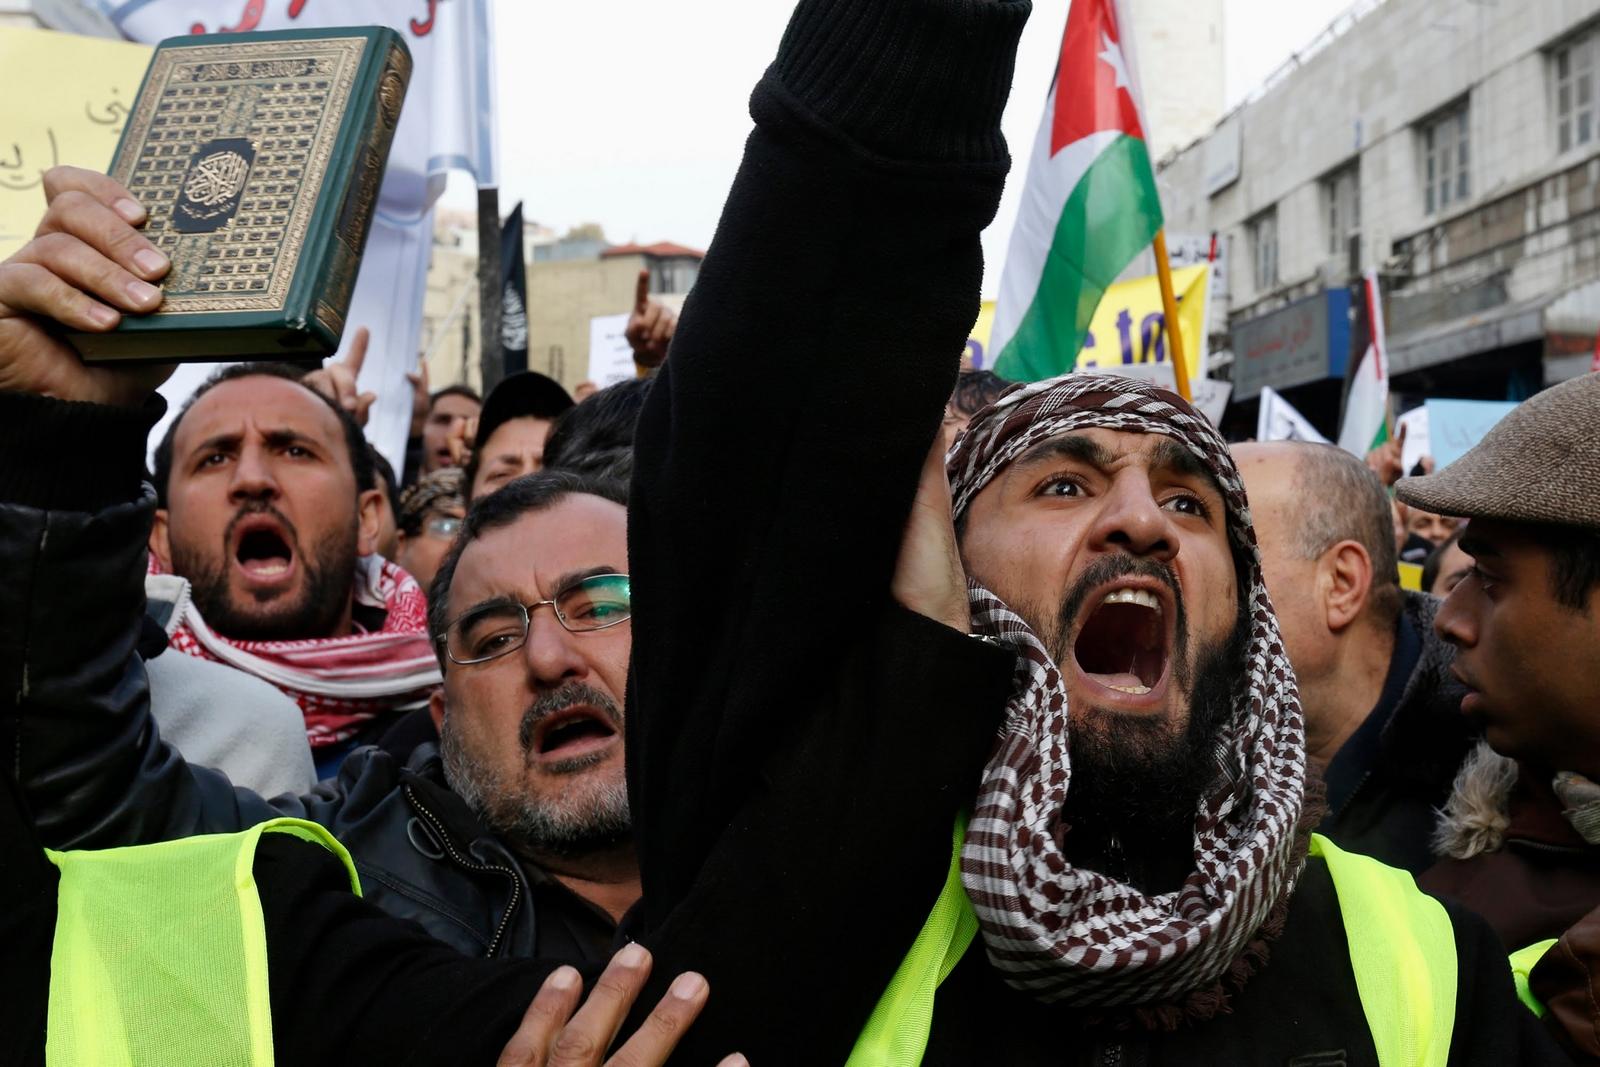 Comienza la Rebelión de los estados Europeos contra el Crecimiento de los Musulmanes en sus fronteras, mira como